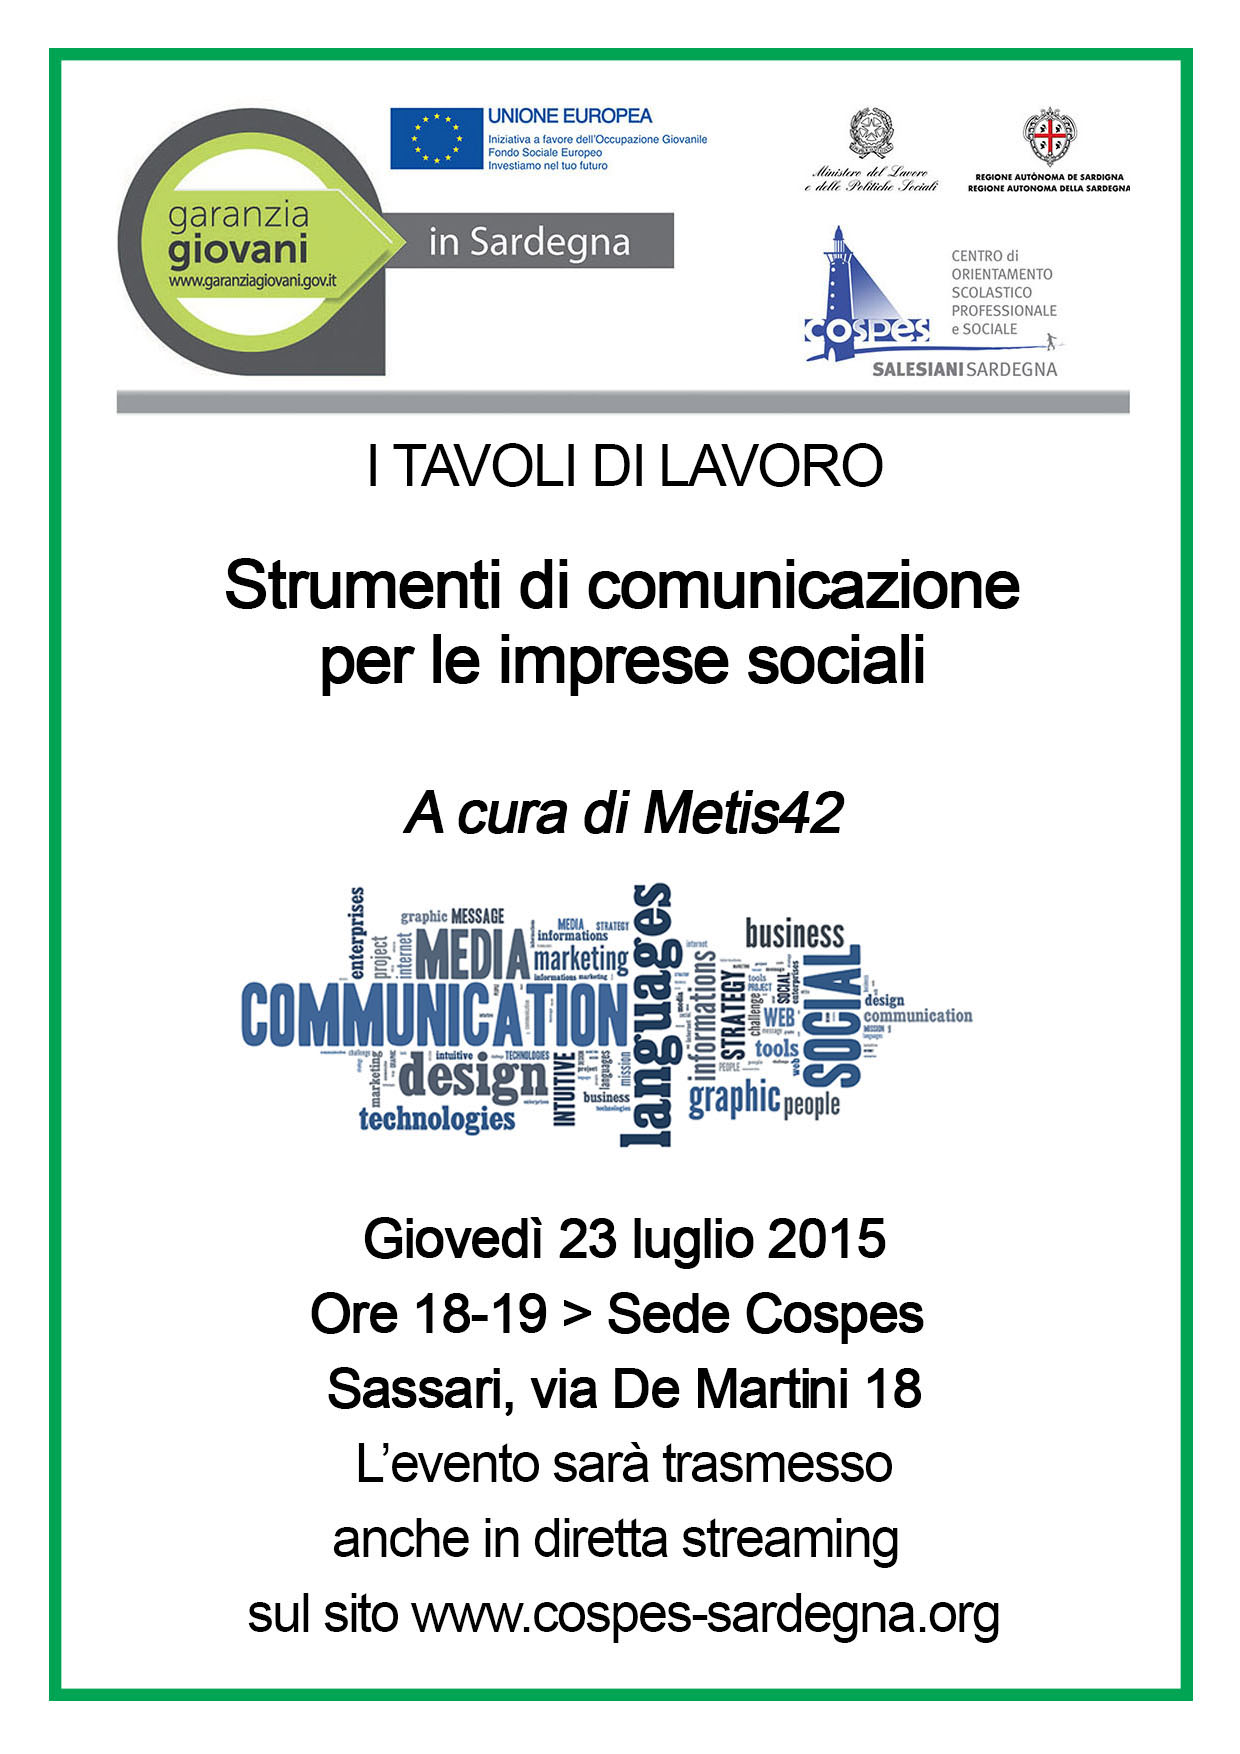 Le imprese sociali e i nuovi strumenti della comunicazione. Se ne parla il 23 luglio, anche via web!